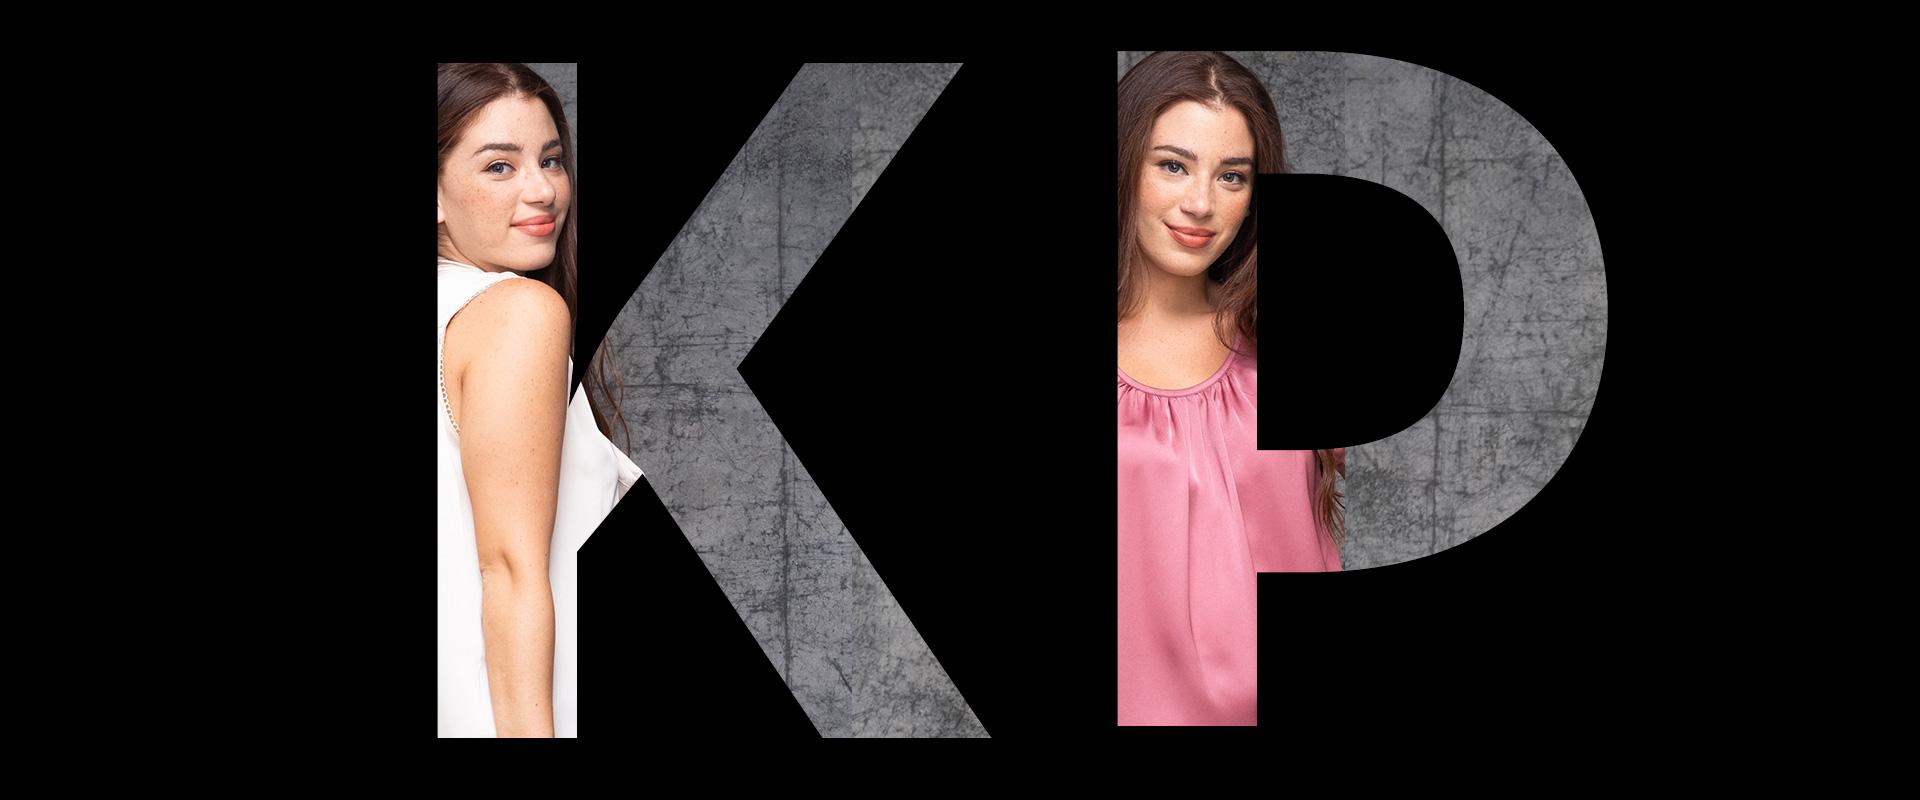 Γυναικεία Ρούχα σε Μεγάλα Μεγέθη | Kyara Plus Size